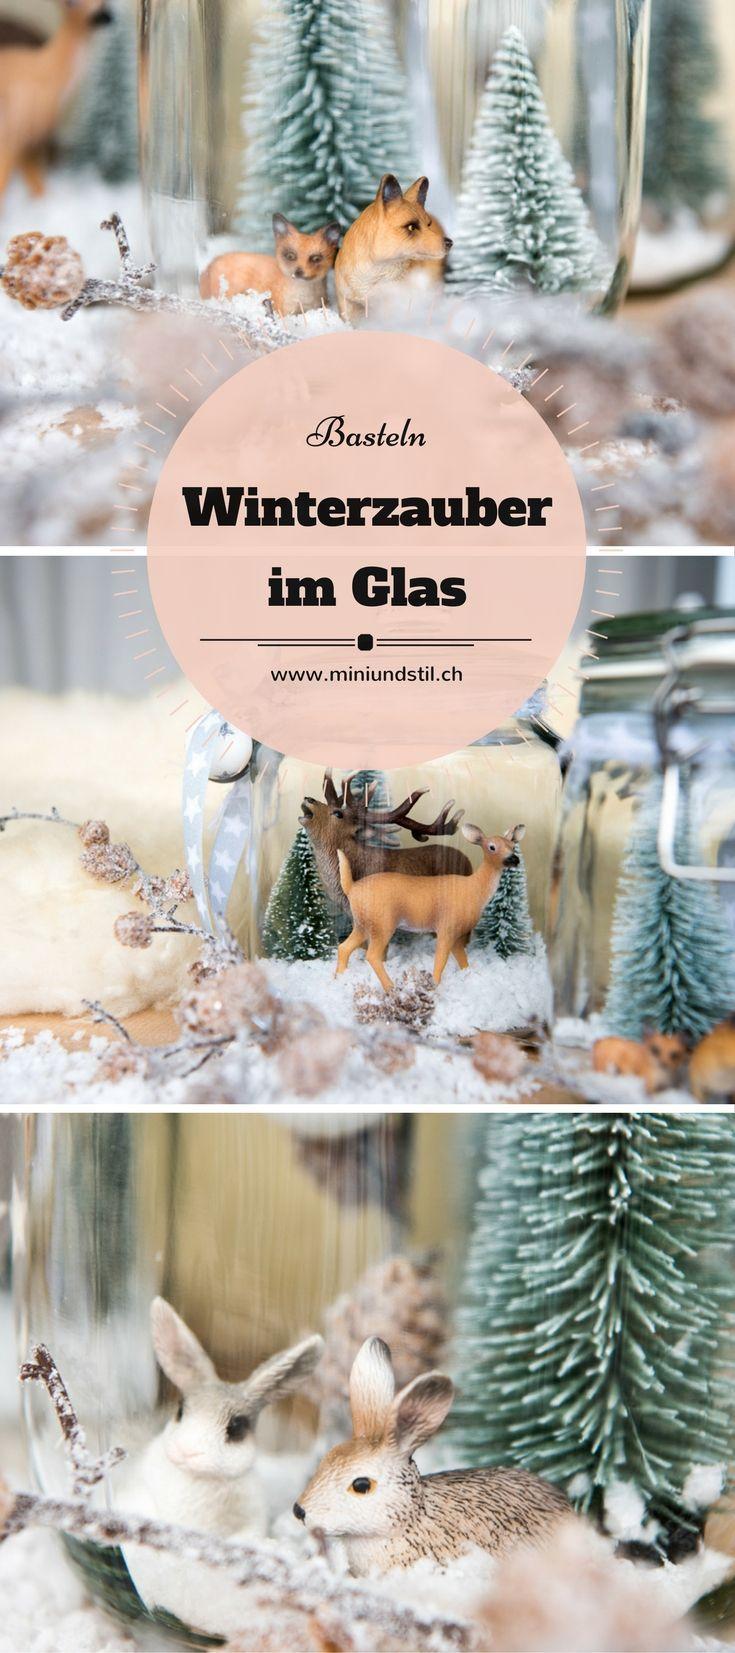 Basteln mit Kindern: Wir basteln eine Winterlandschaft im Glas mit kleinen Tannen und Deko-Schnee! Für grössere Kinder finde ich die Winterlandschaft mit den Schleich-Tieren eine hübsche Bastelidee.